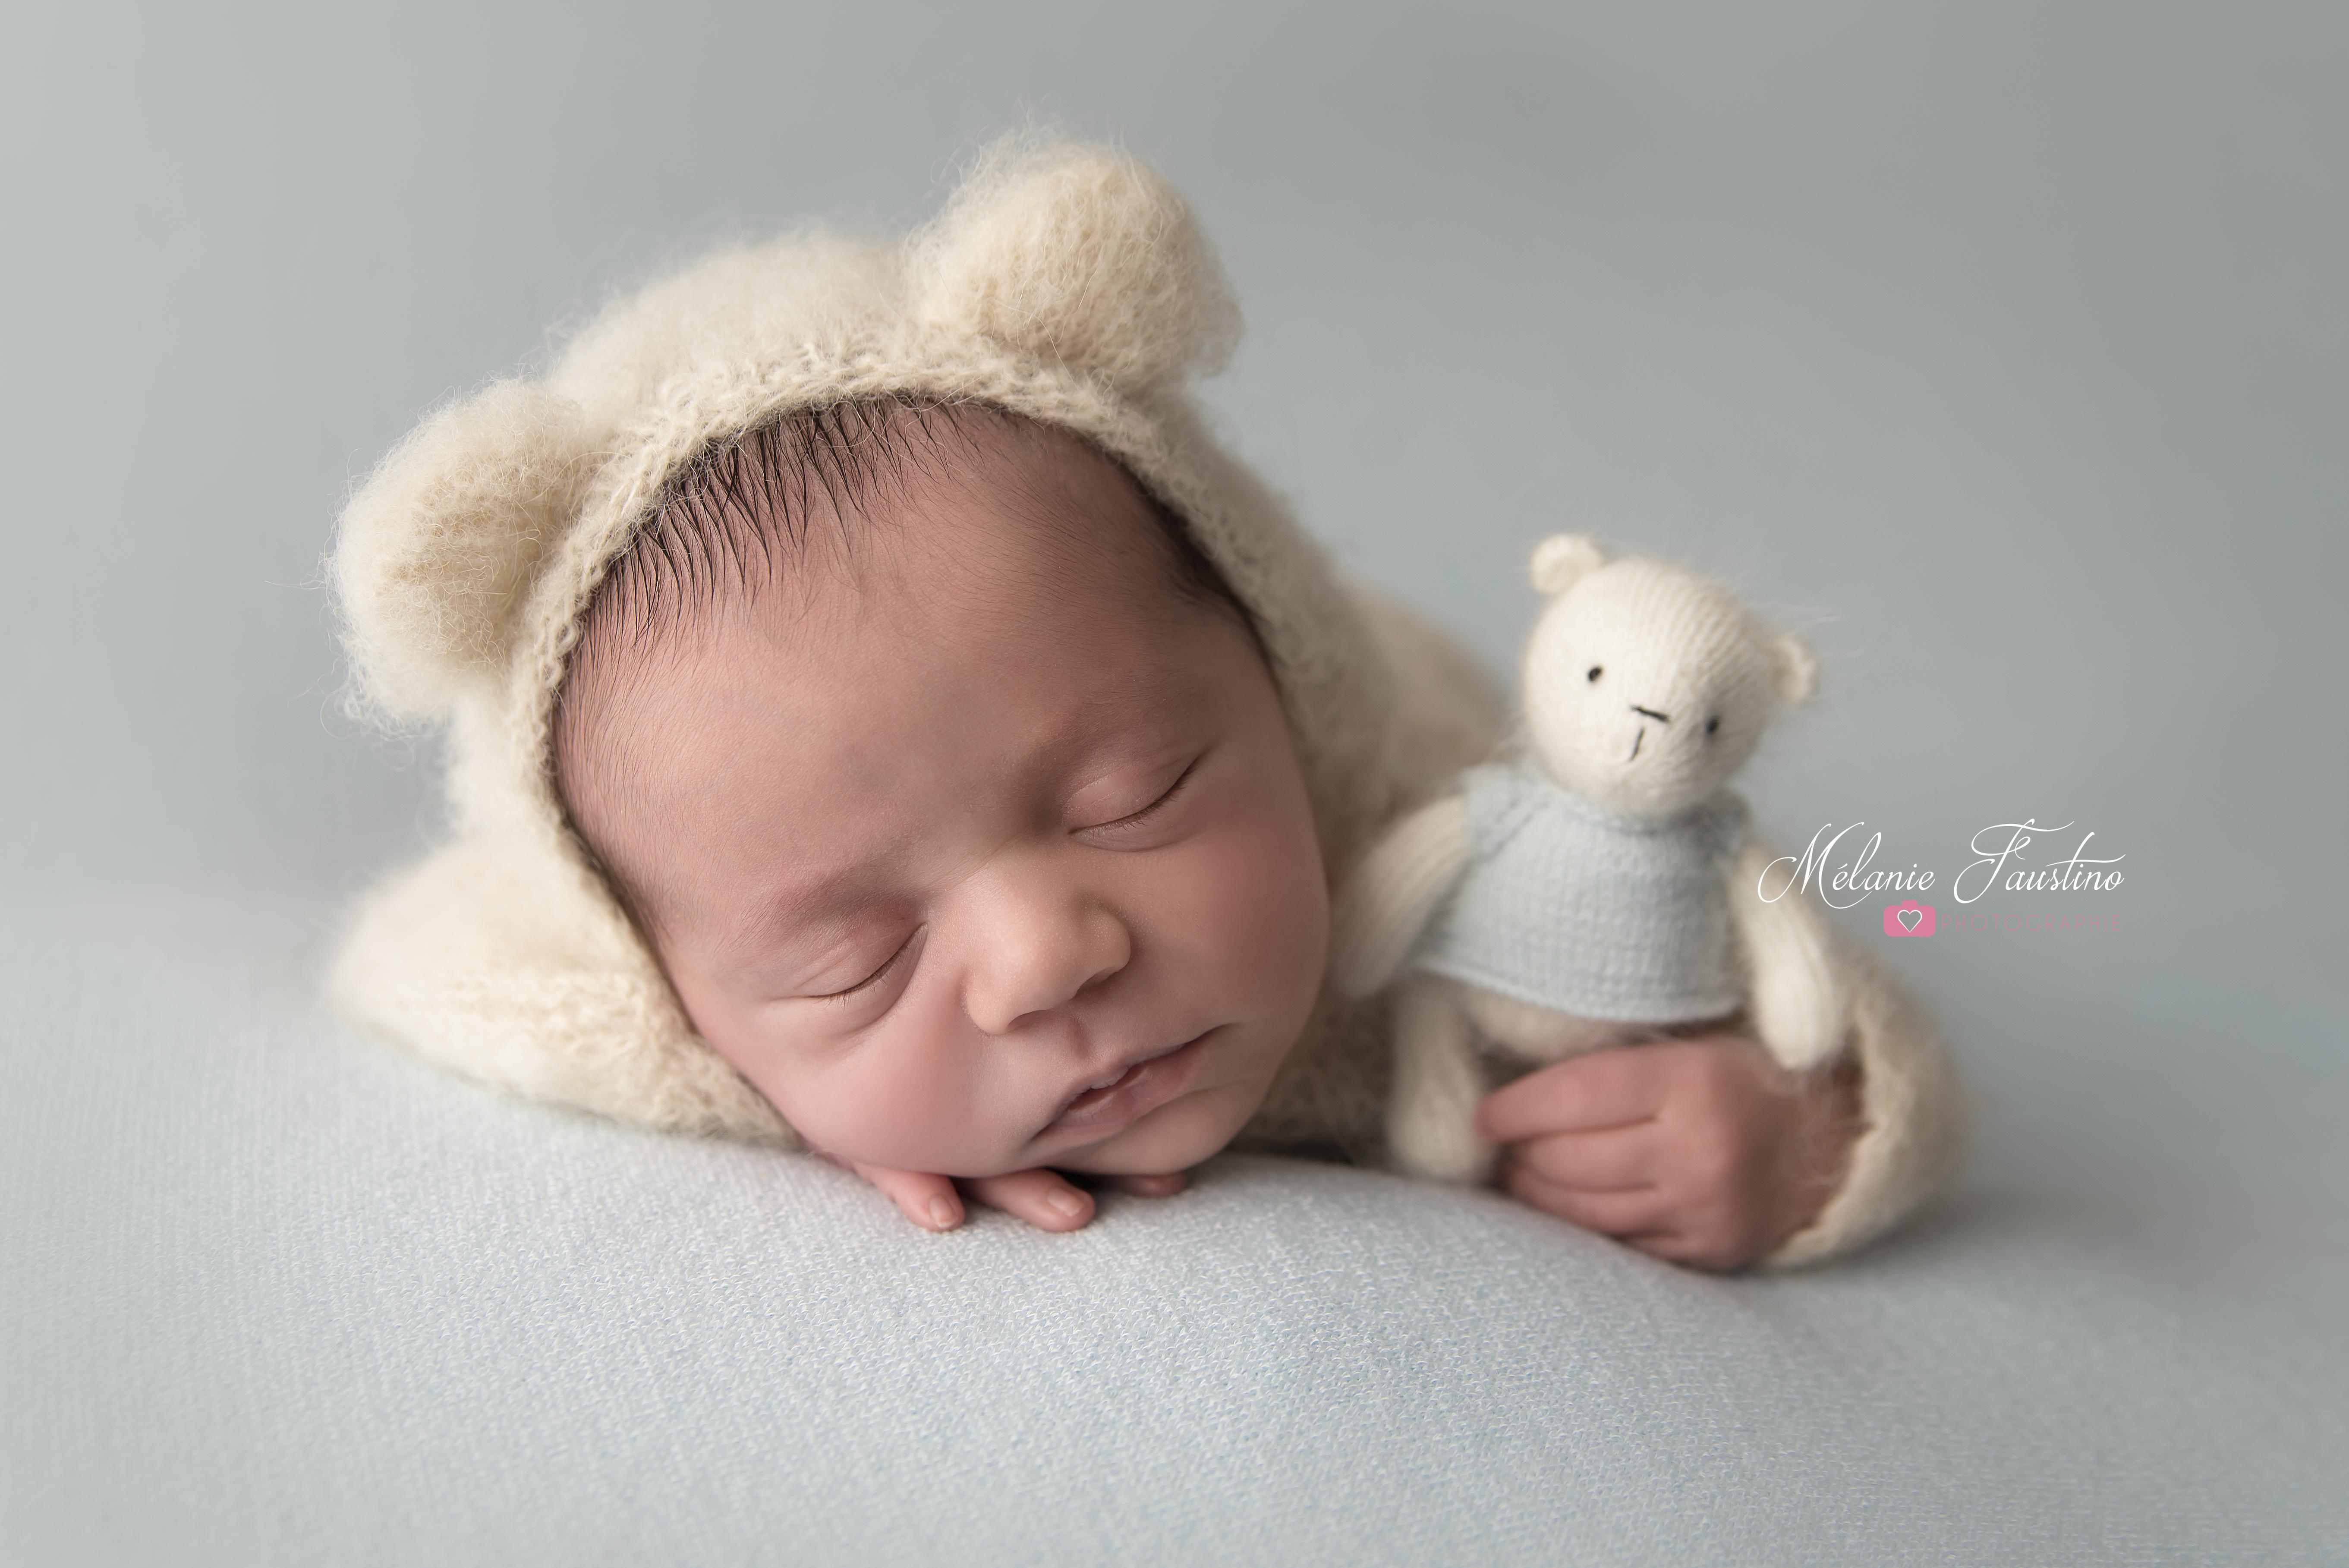 nouveau-né bébé photographe 94